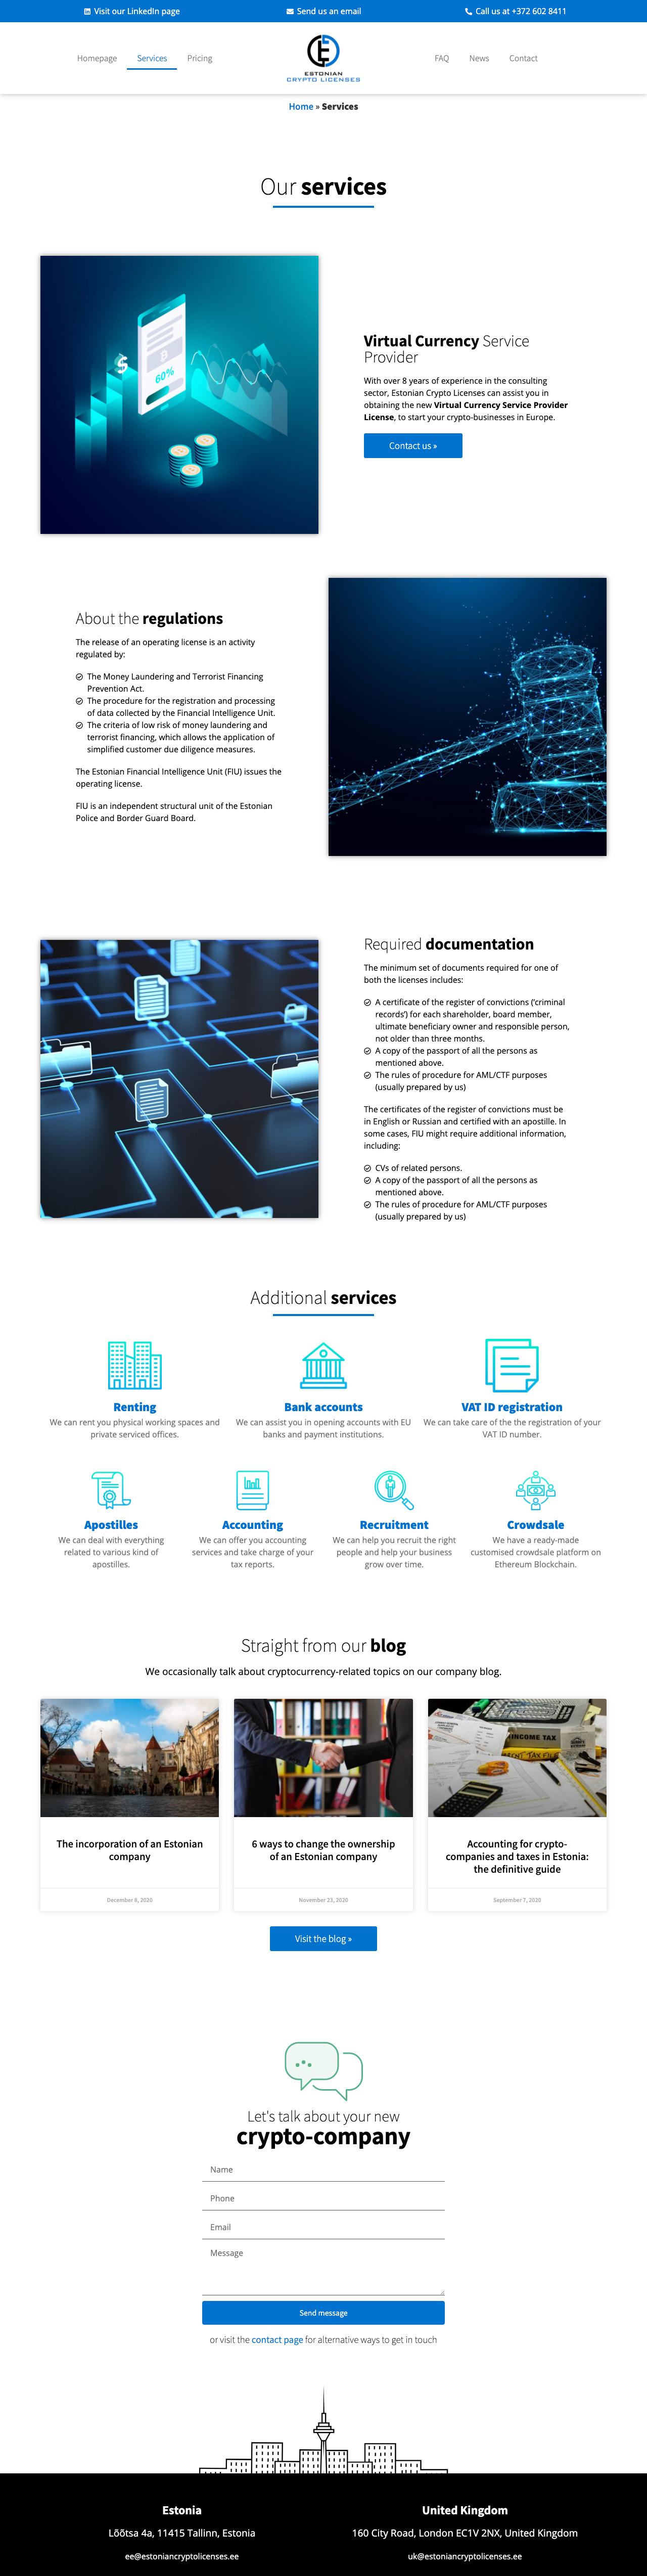 Contenuti del sito web di Estonian Crypto Licenses